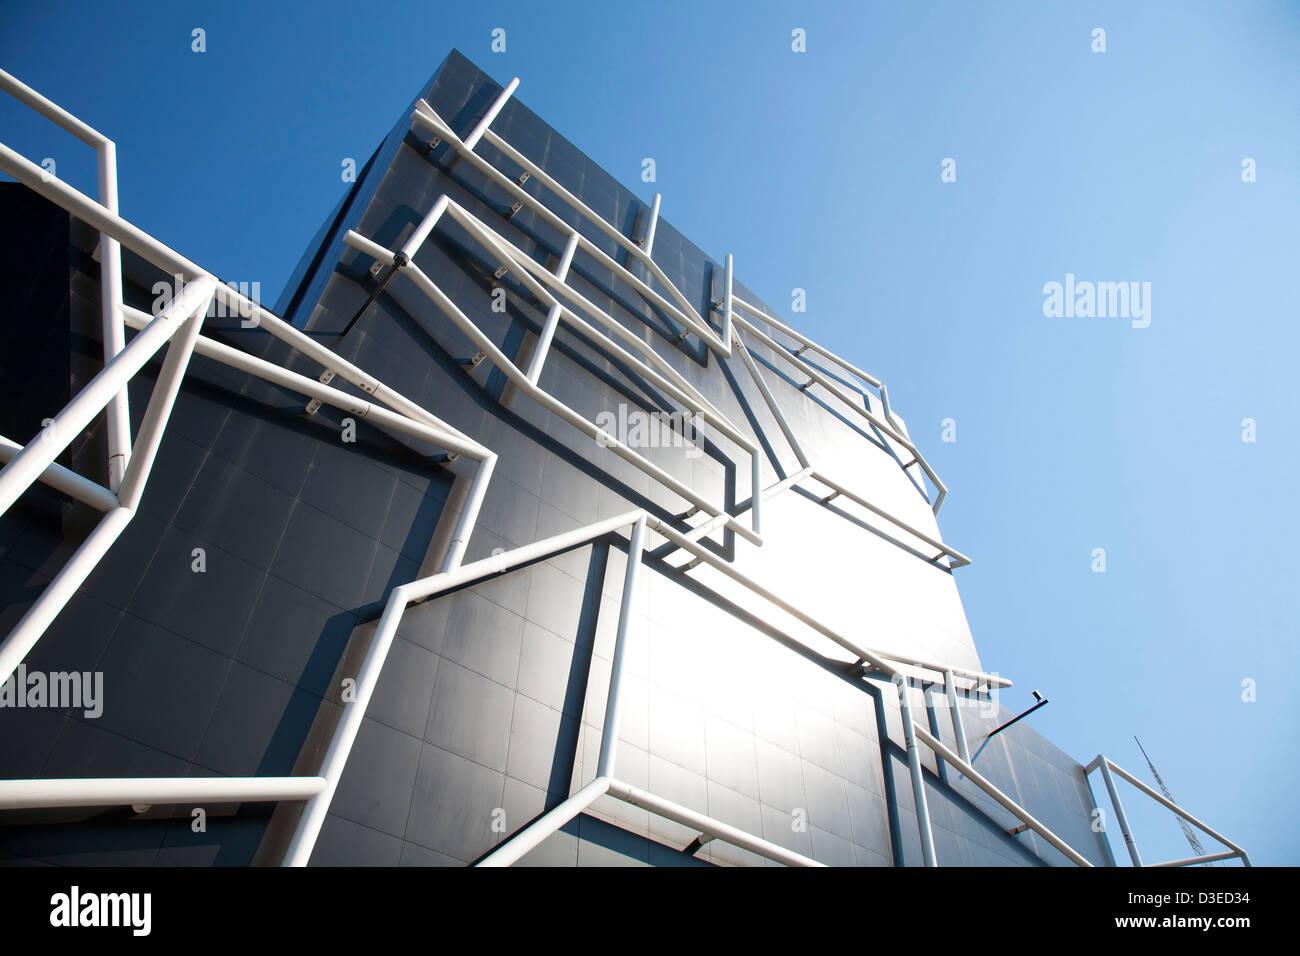 The Iconic Architecture Of The MTC Preforming Arts Sumner Theatre South  Melbourne Victoria Australia   Stock